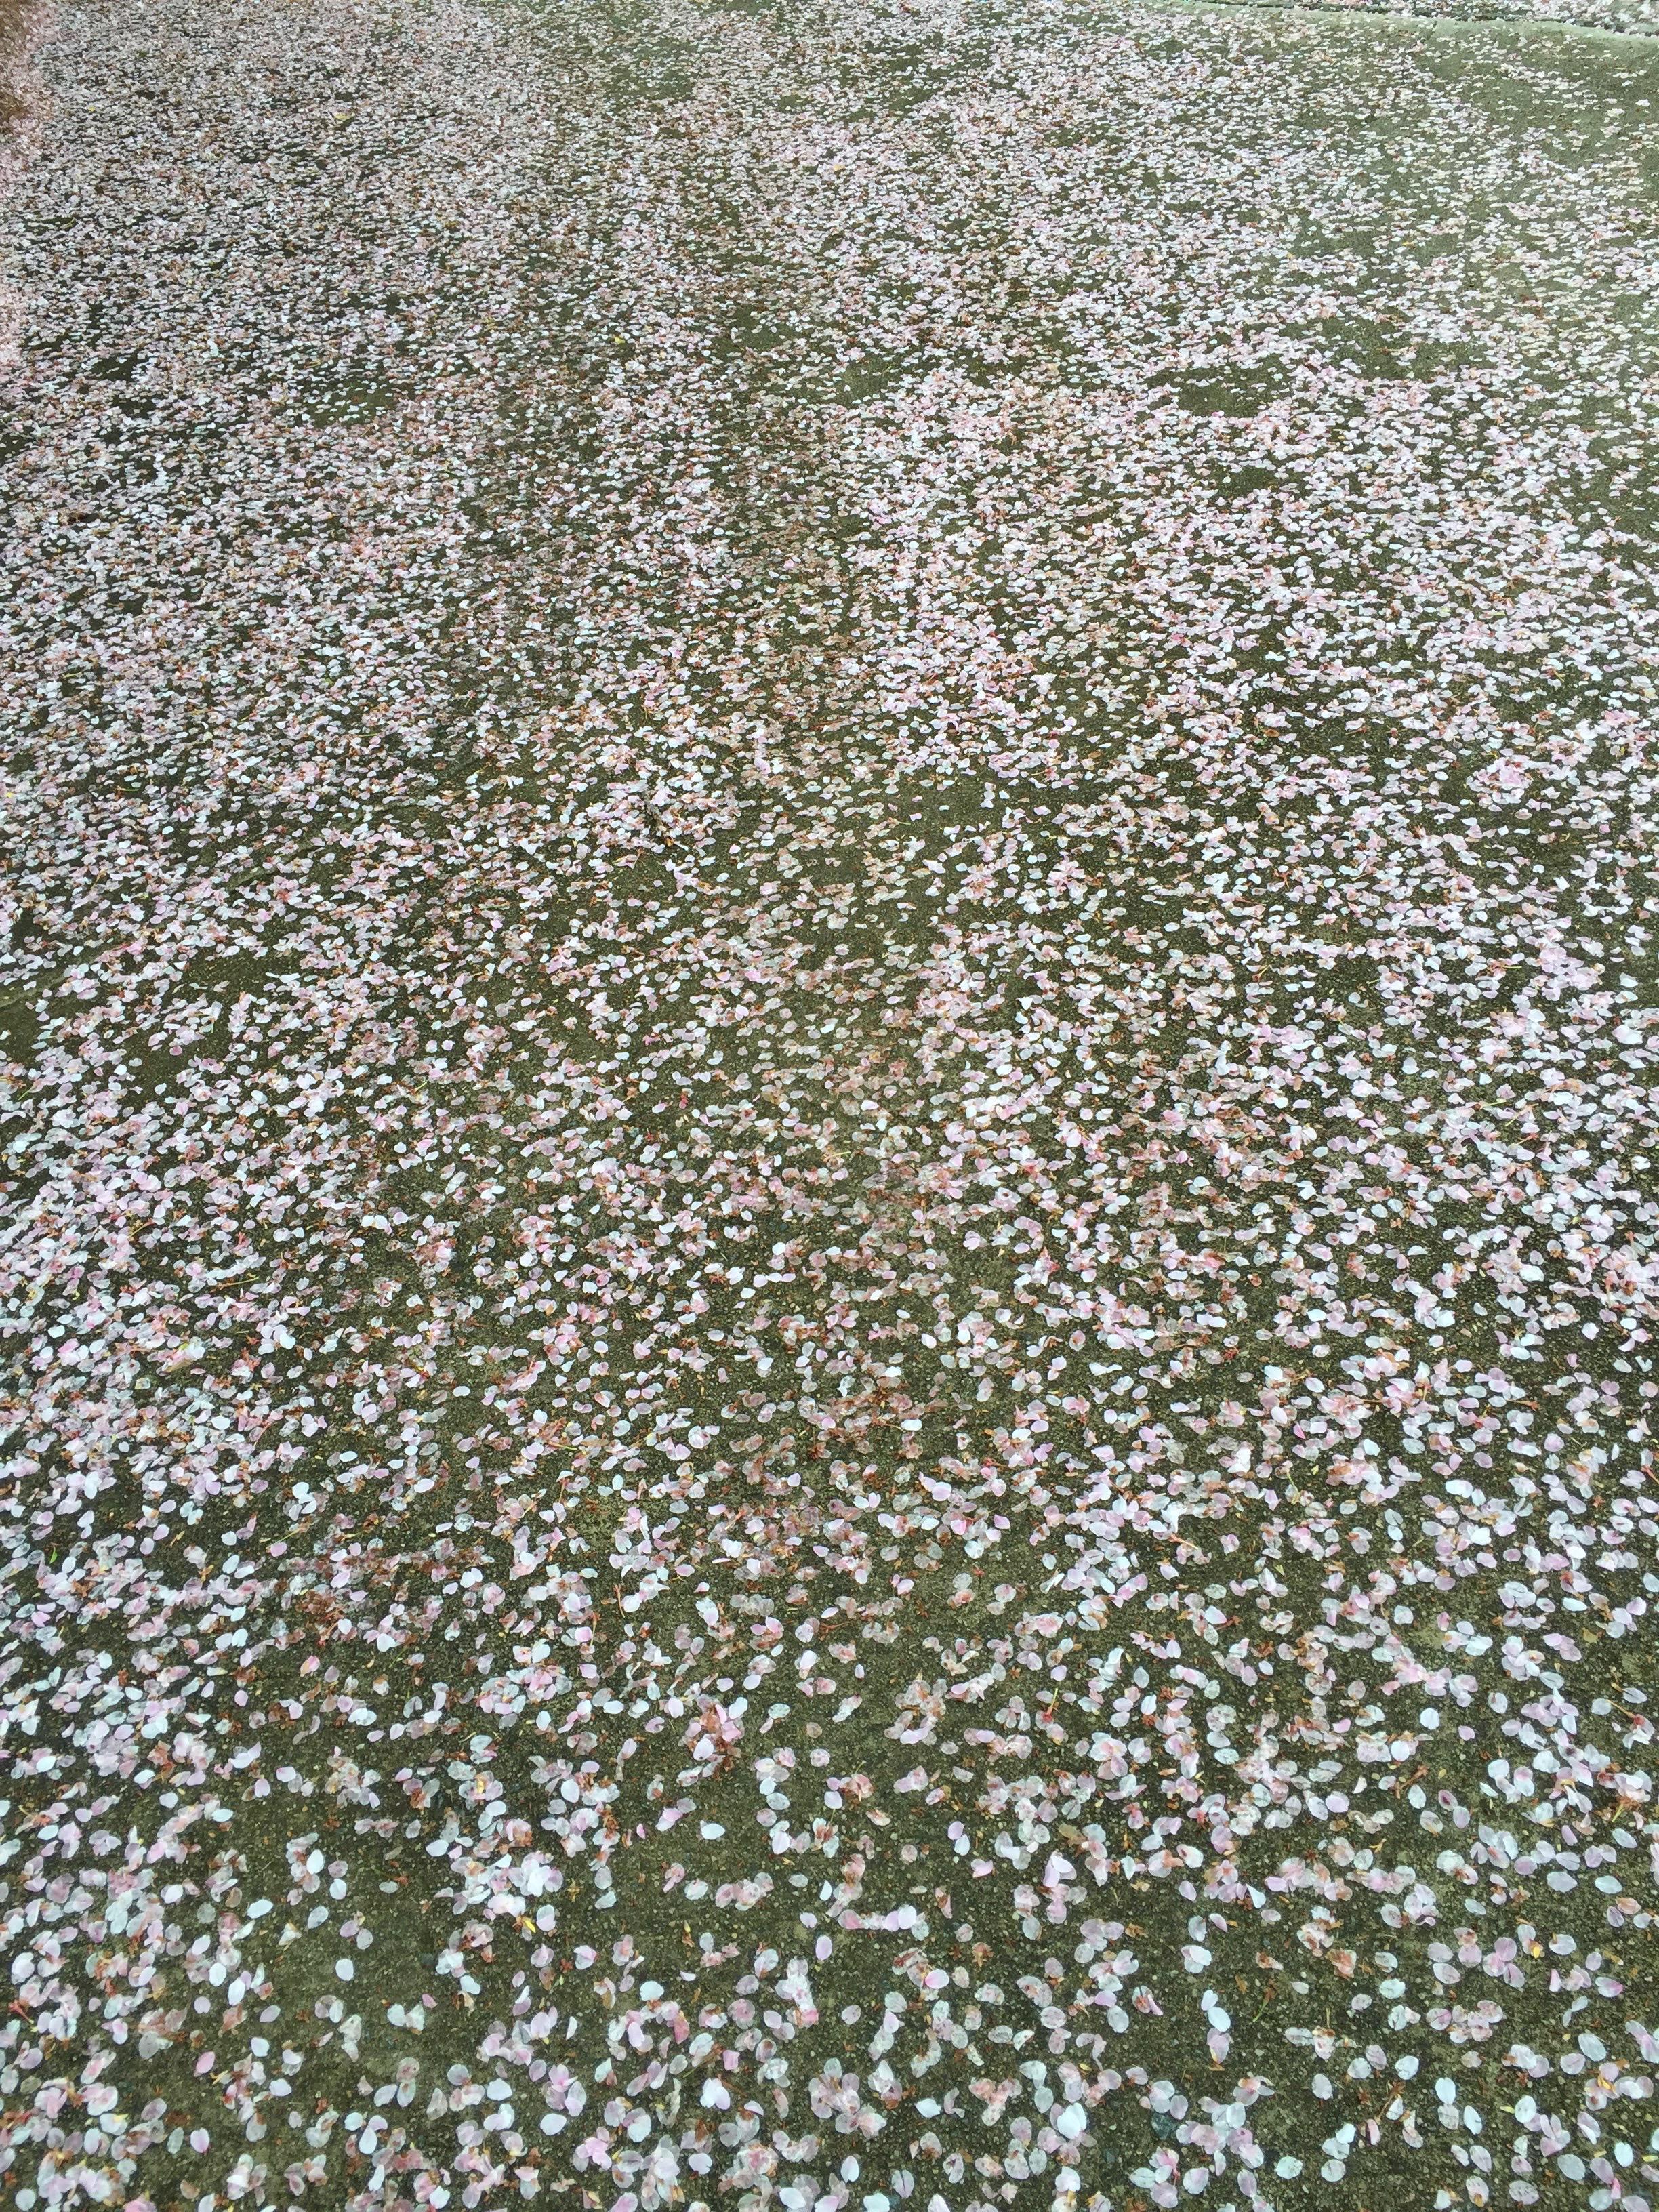 flowers-on-driveway.jpg